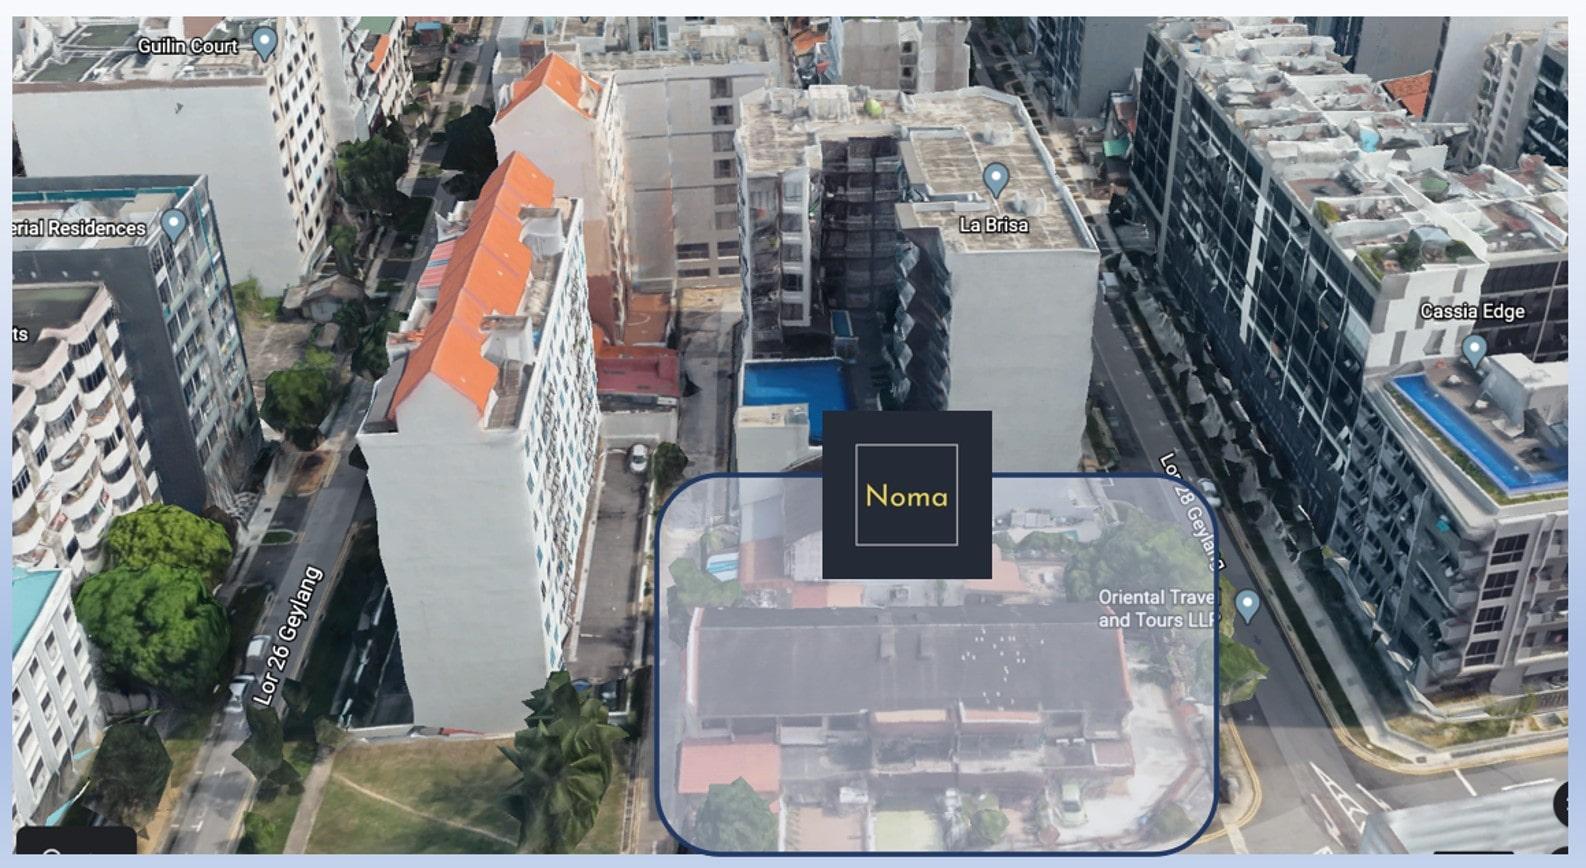 Noma-Condo-Location-Site-Singapore